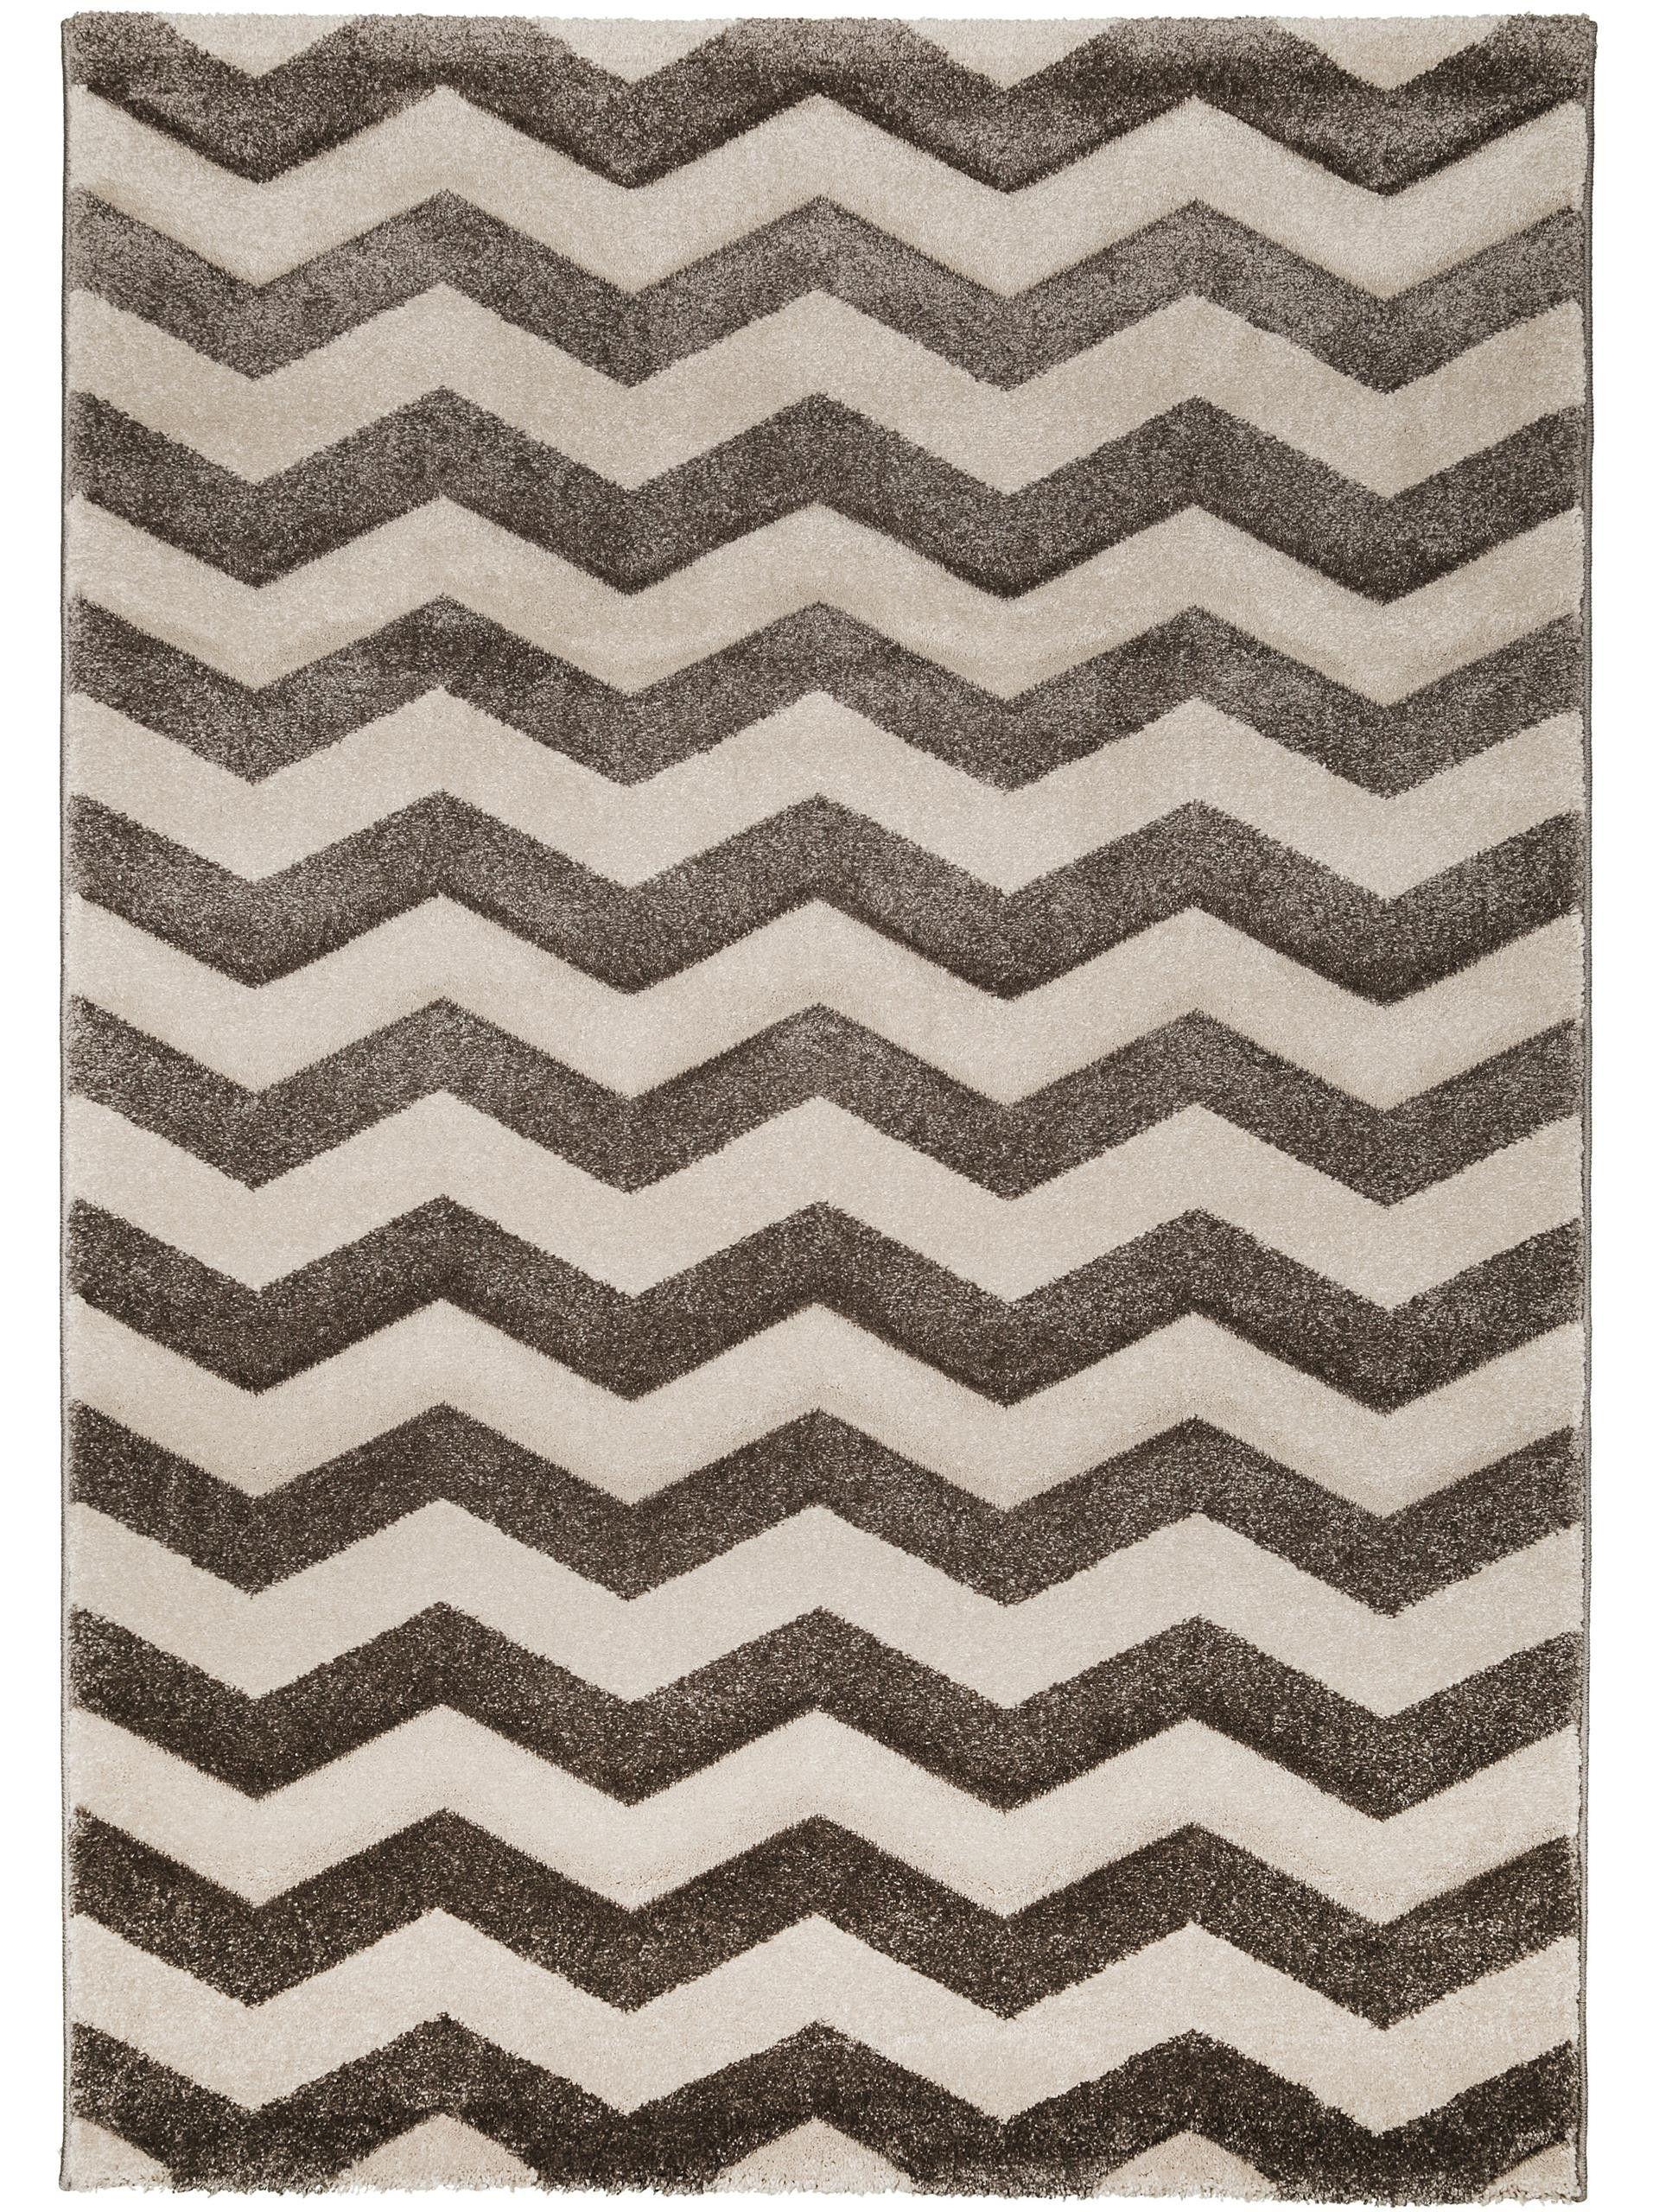 teppich gnstig kaufen stunning teppiche with teppich gnstig kaufen elegant design teppich. Black Bedroom Furniture Sets. Home Design Ideas